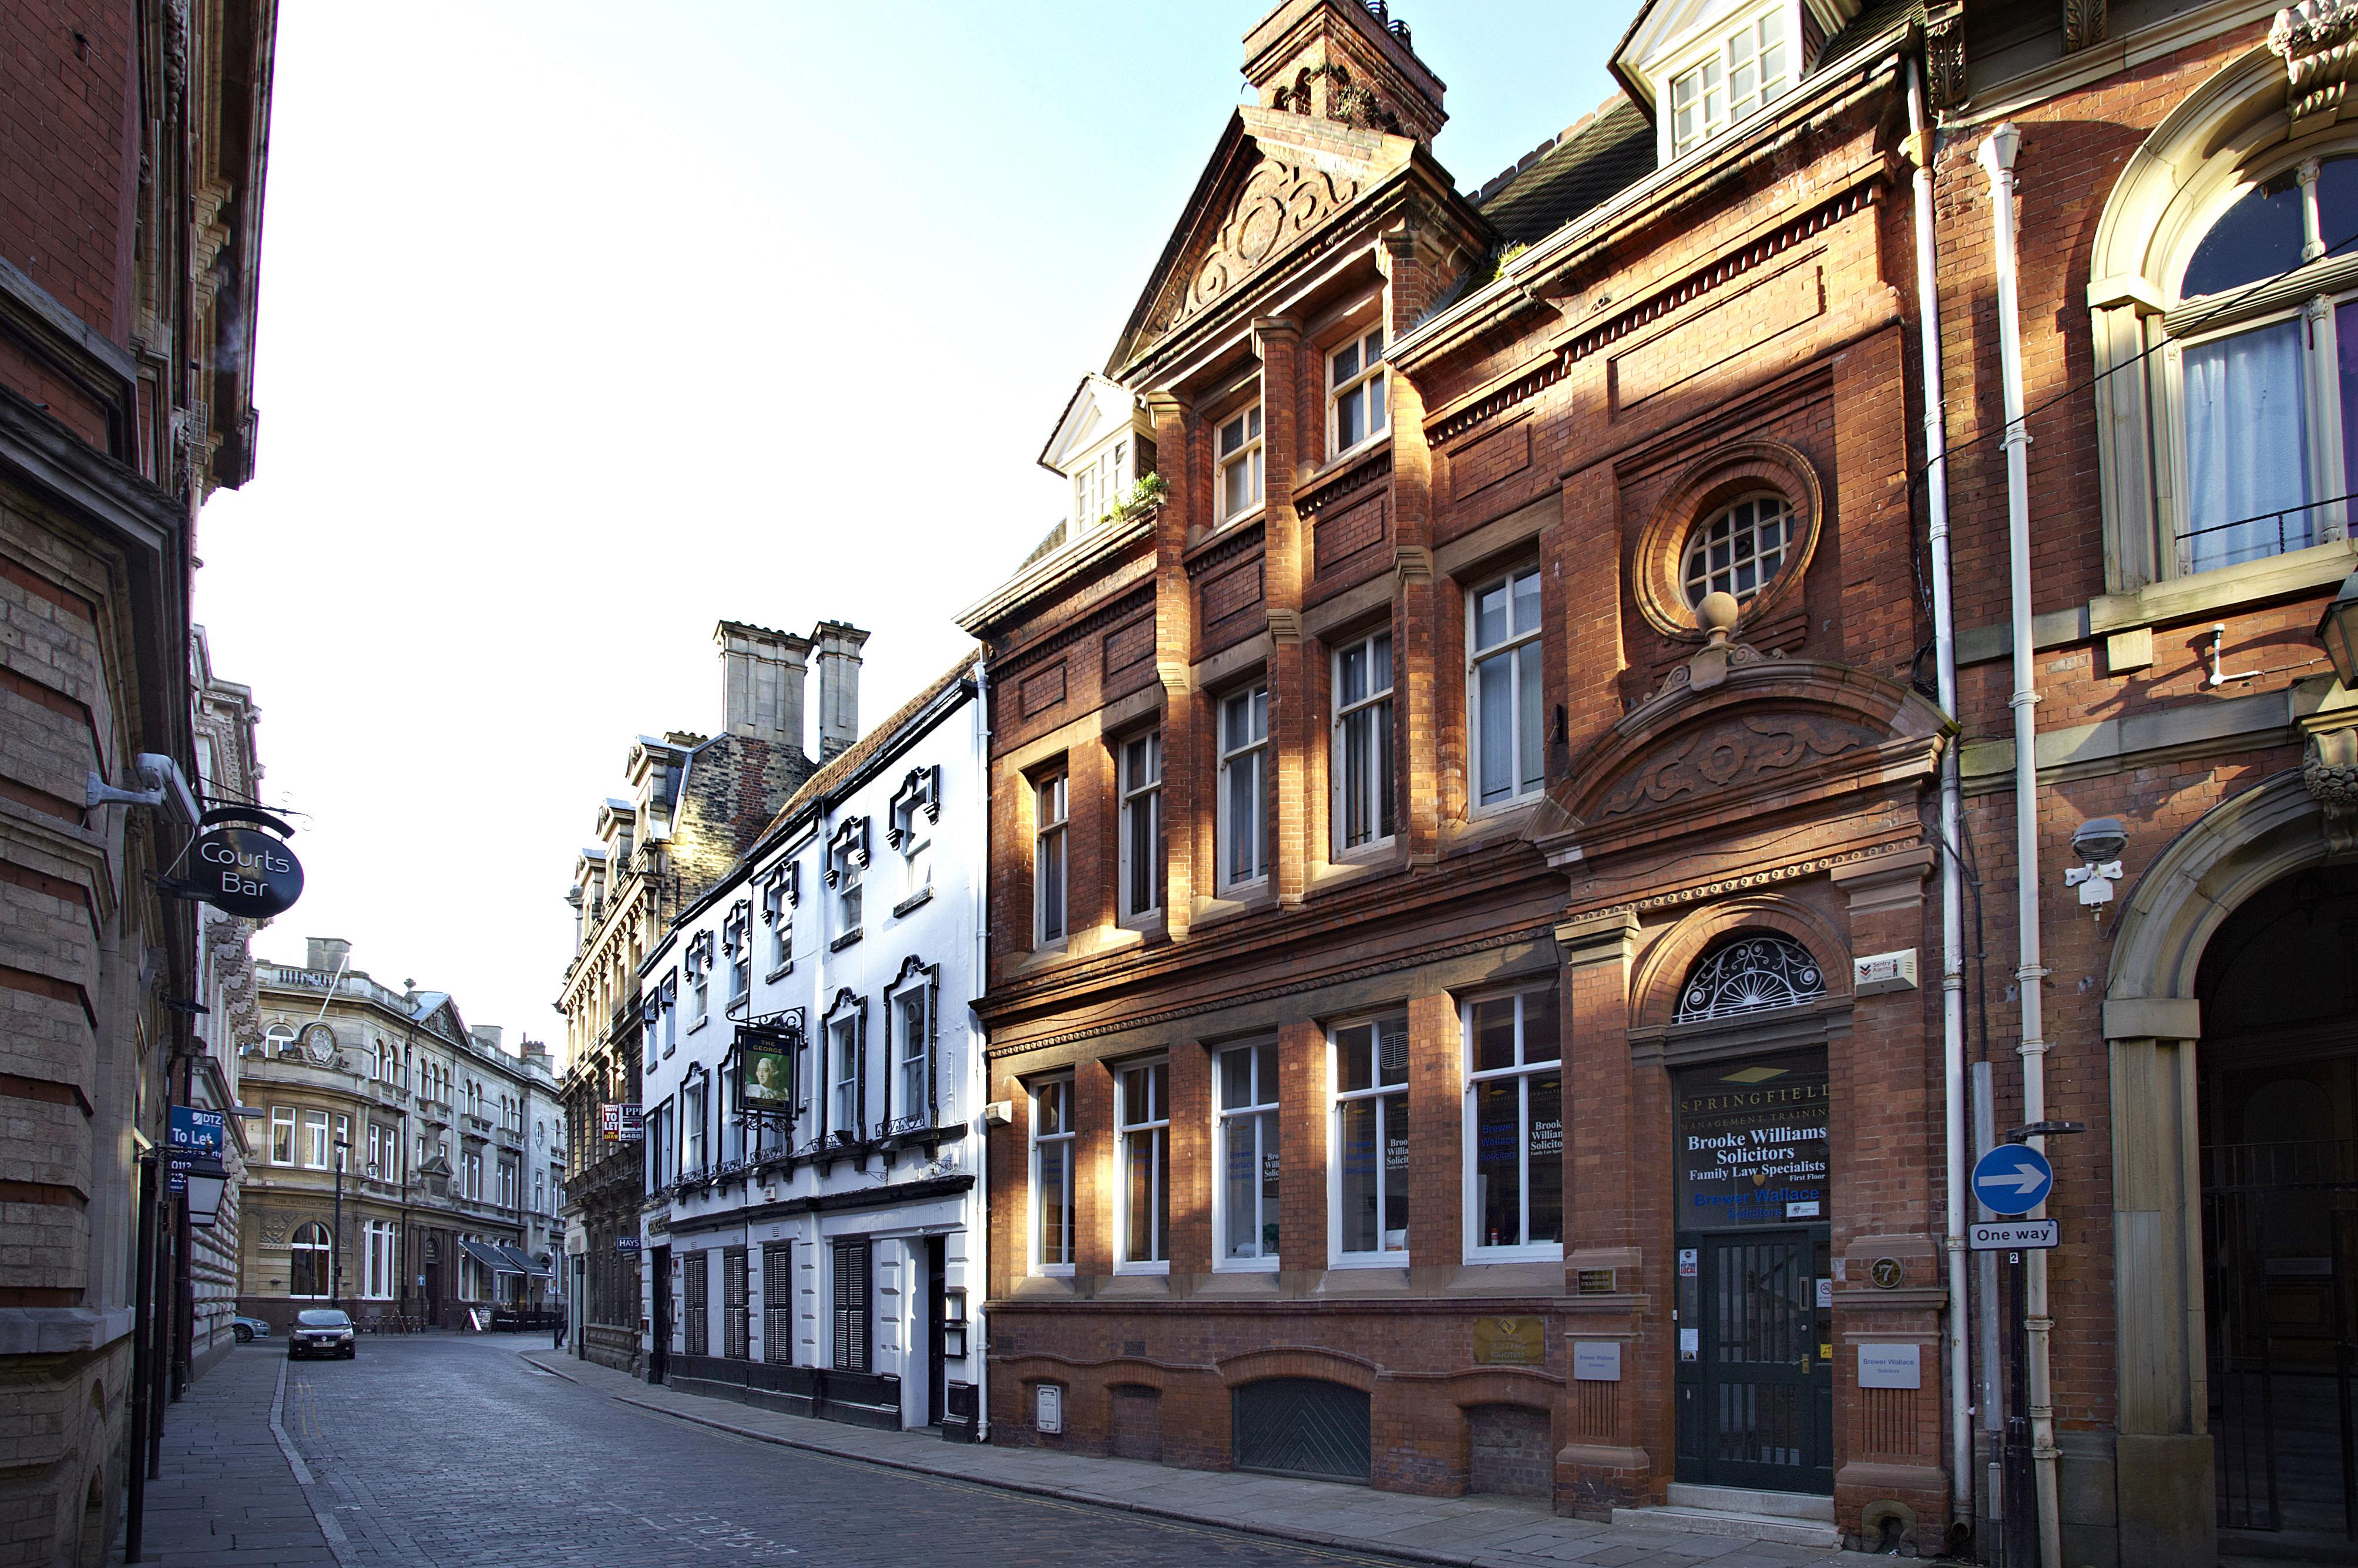 Kingston-upon-Hull, UK